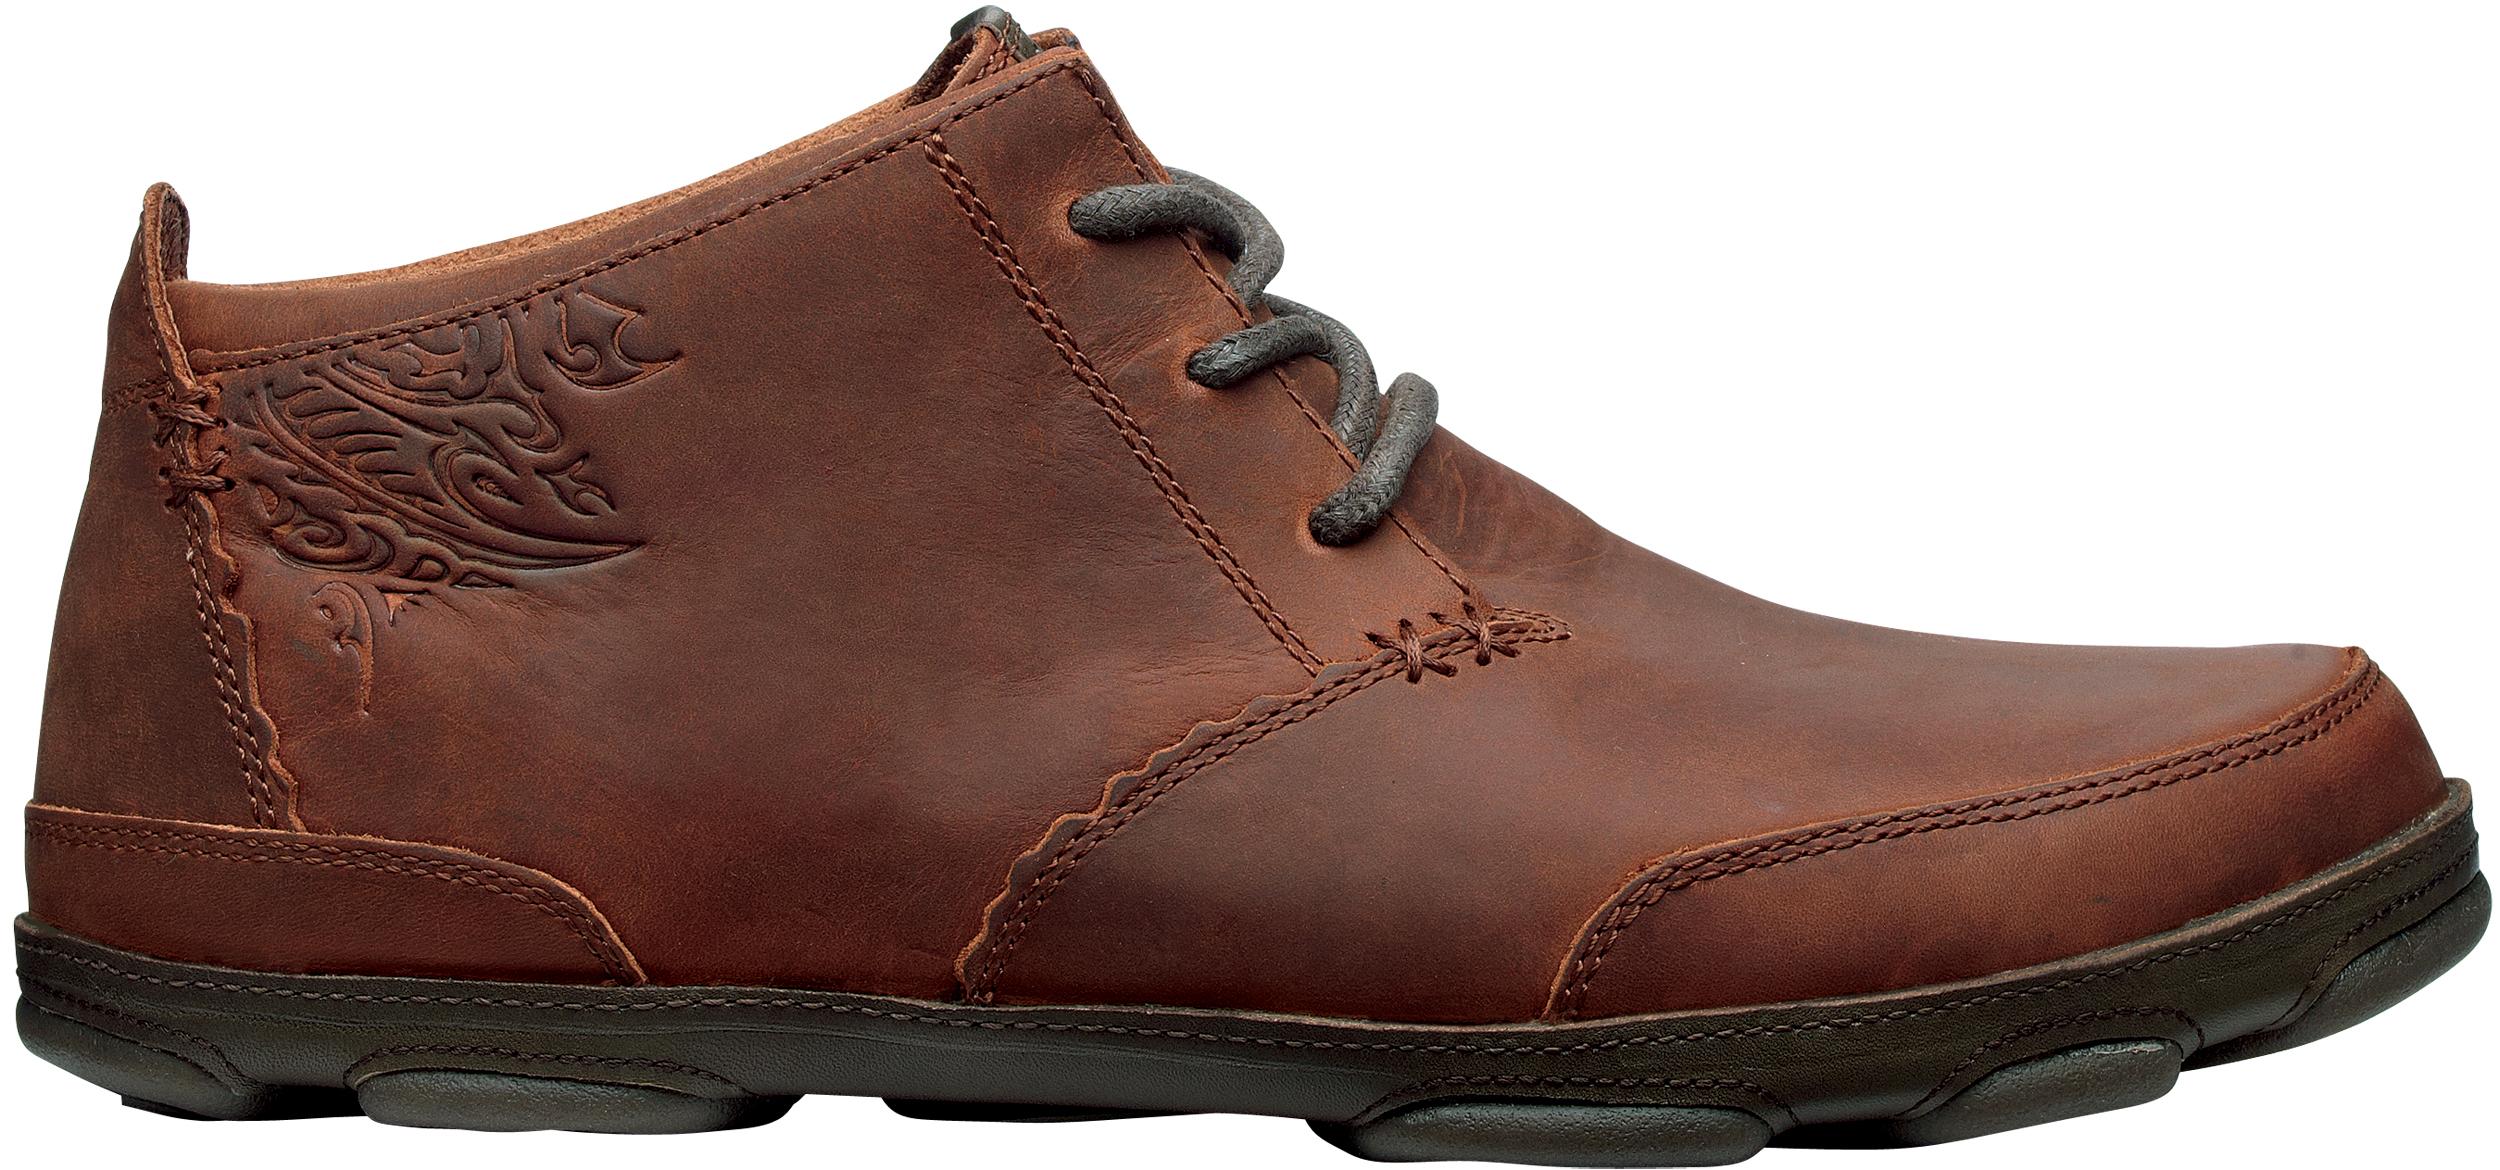 Olukai Kamuela Shoes - Men's   MEC